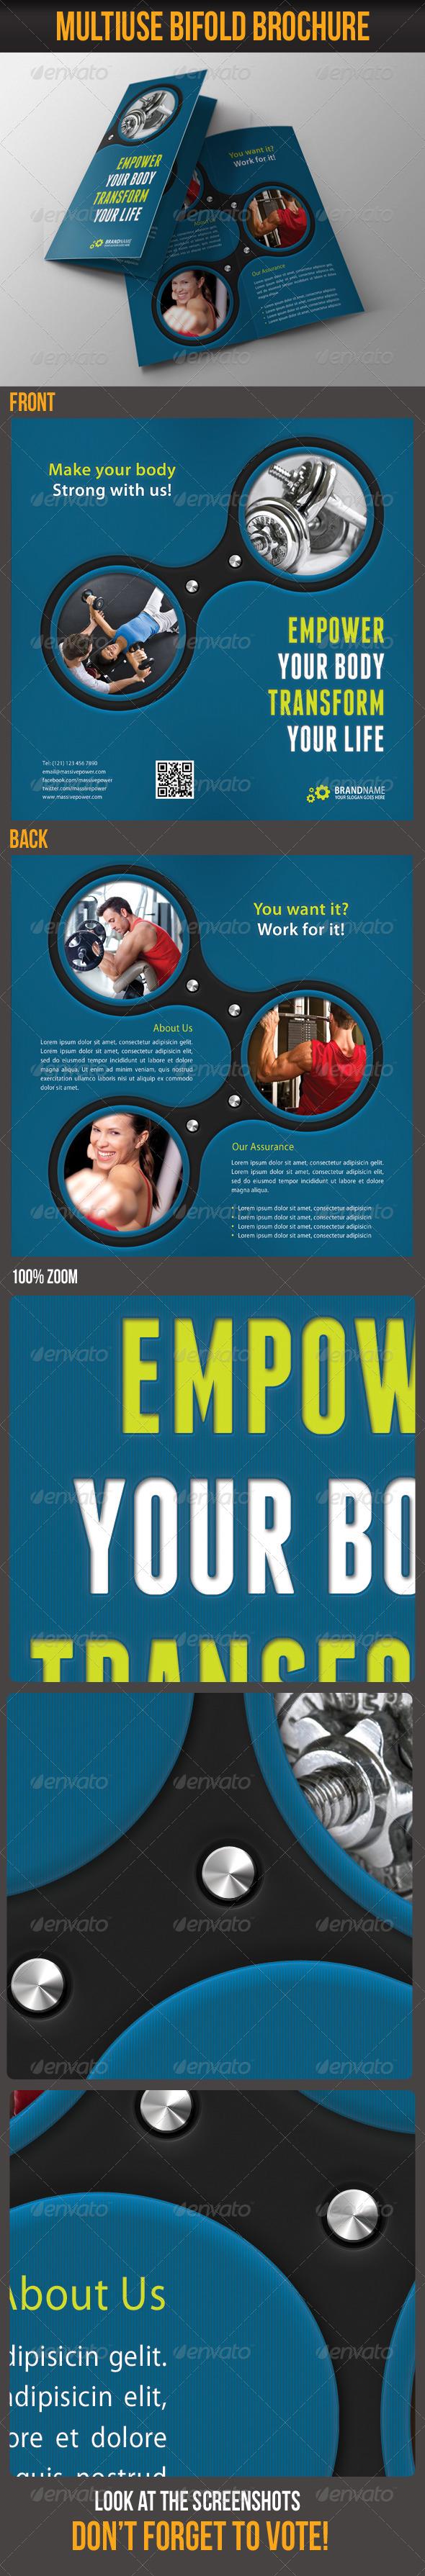 GraphicRiver Multiuse Bifold Brochure 13 6097887